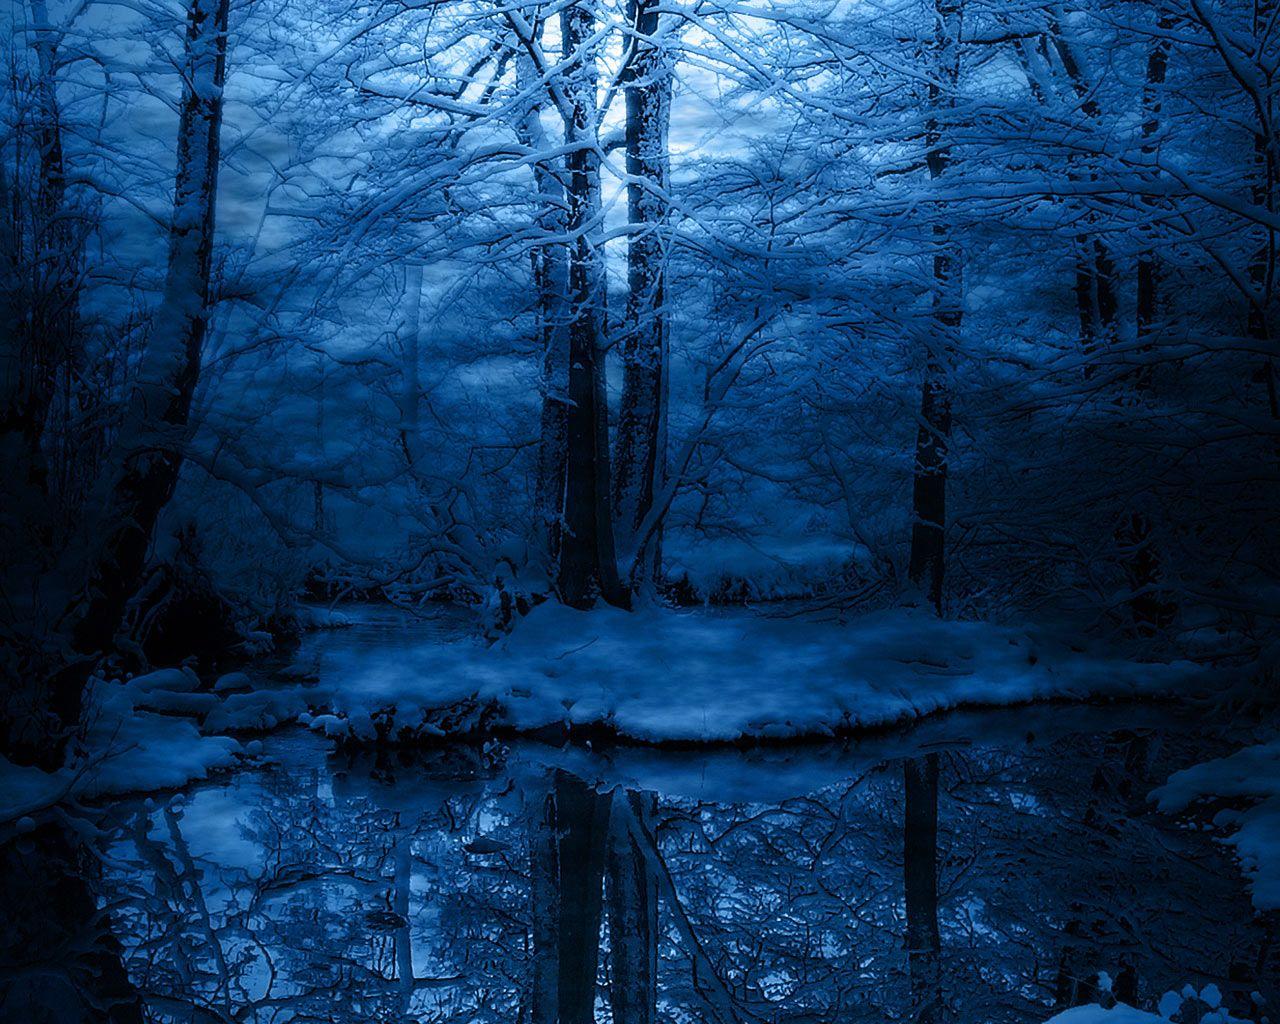 fond d'écran d'hiver